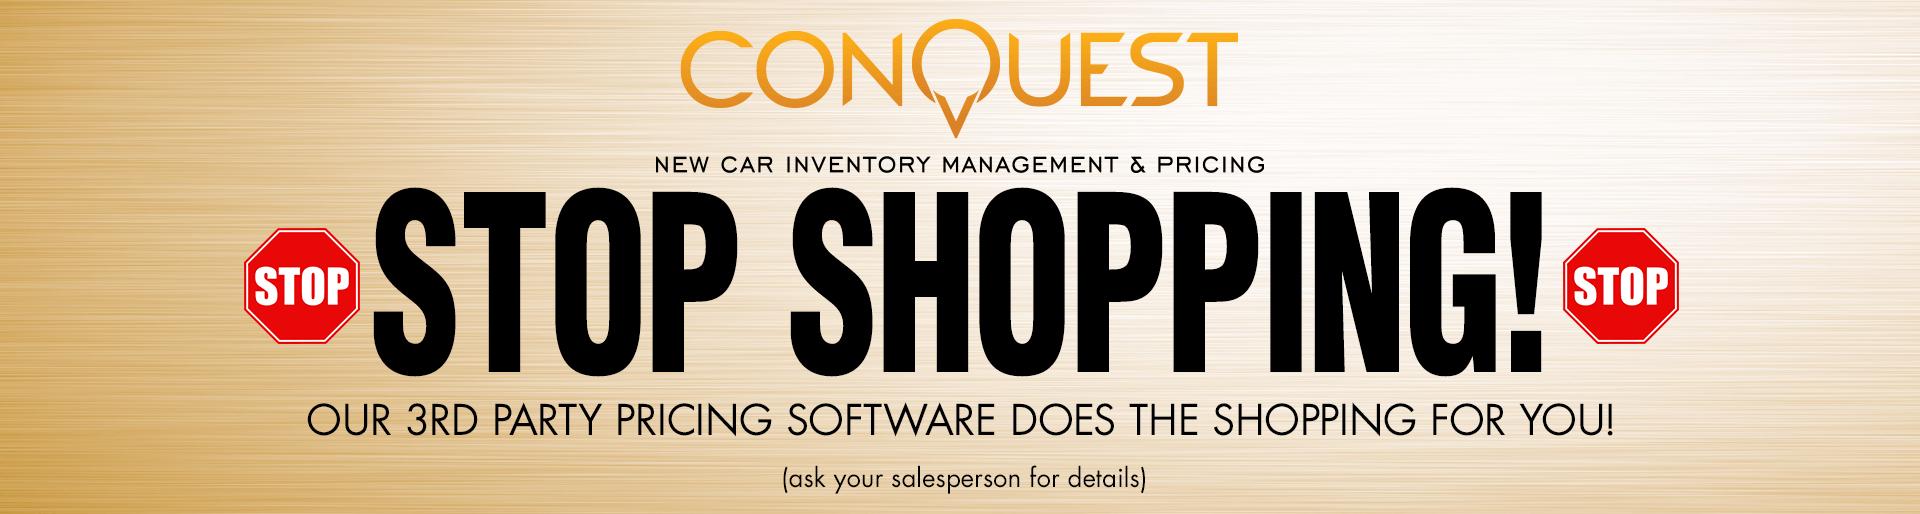 Shop Shopping